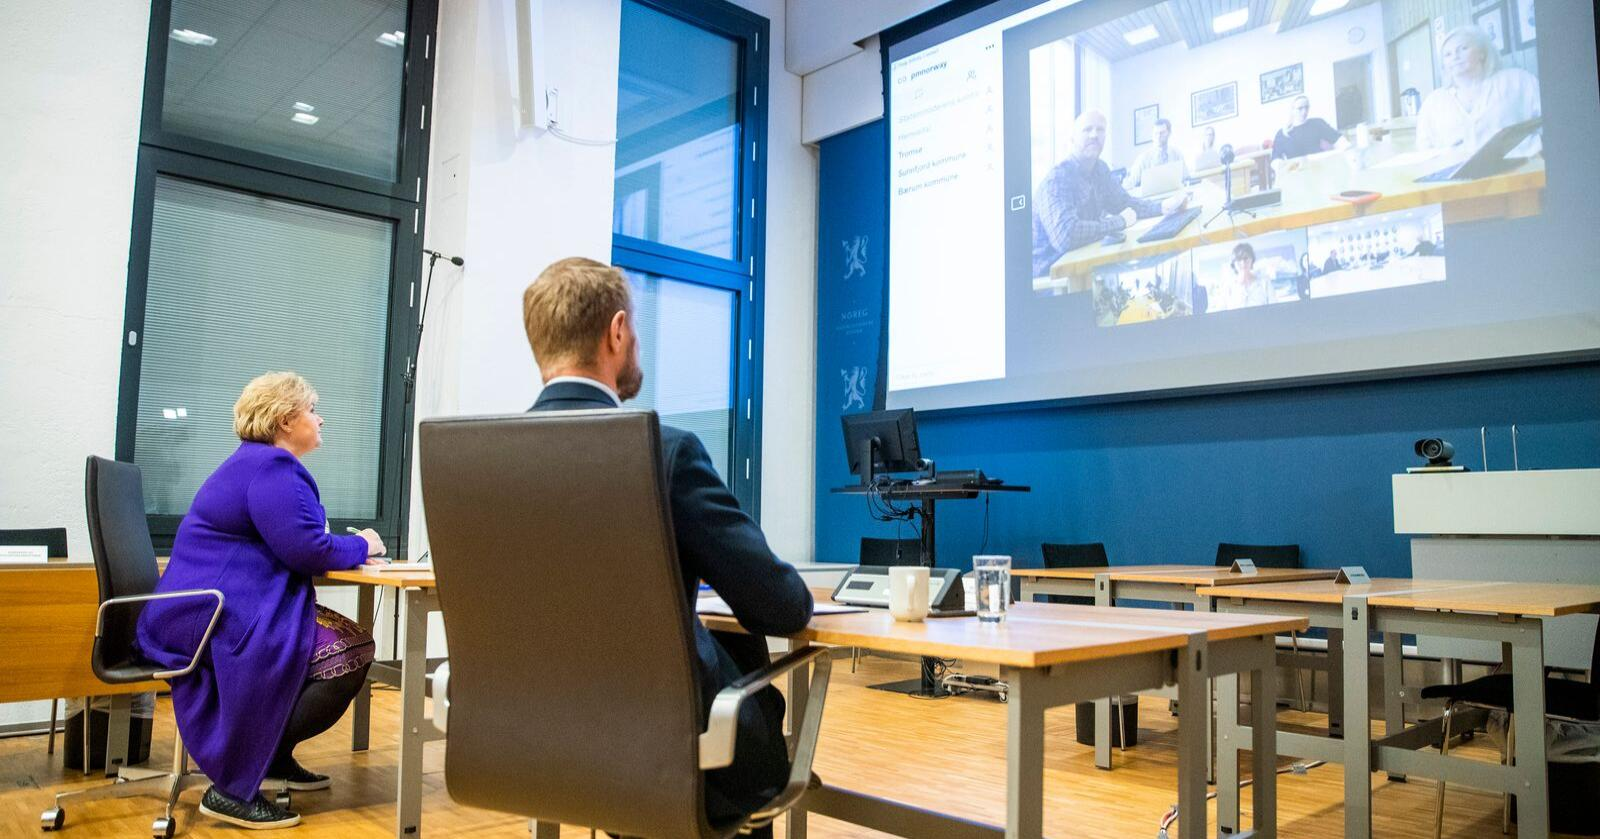 Statsminister Erna Solberg og helse- og omsorgsminister Bent Høie hadde videomøte med fire kommuner onsdag. Foto: Håkon Mosvold Larsen / NTB scanpix